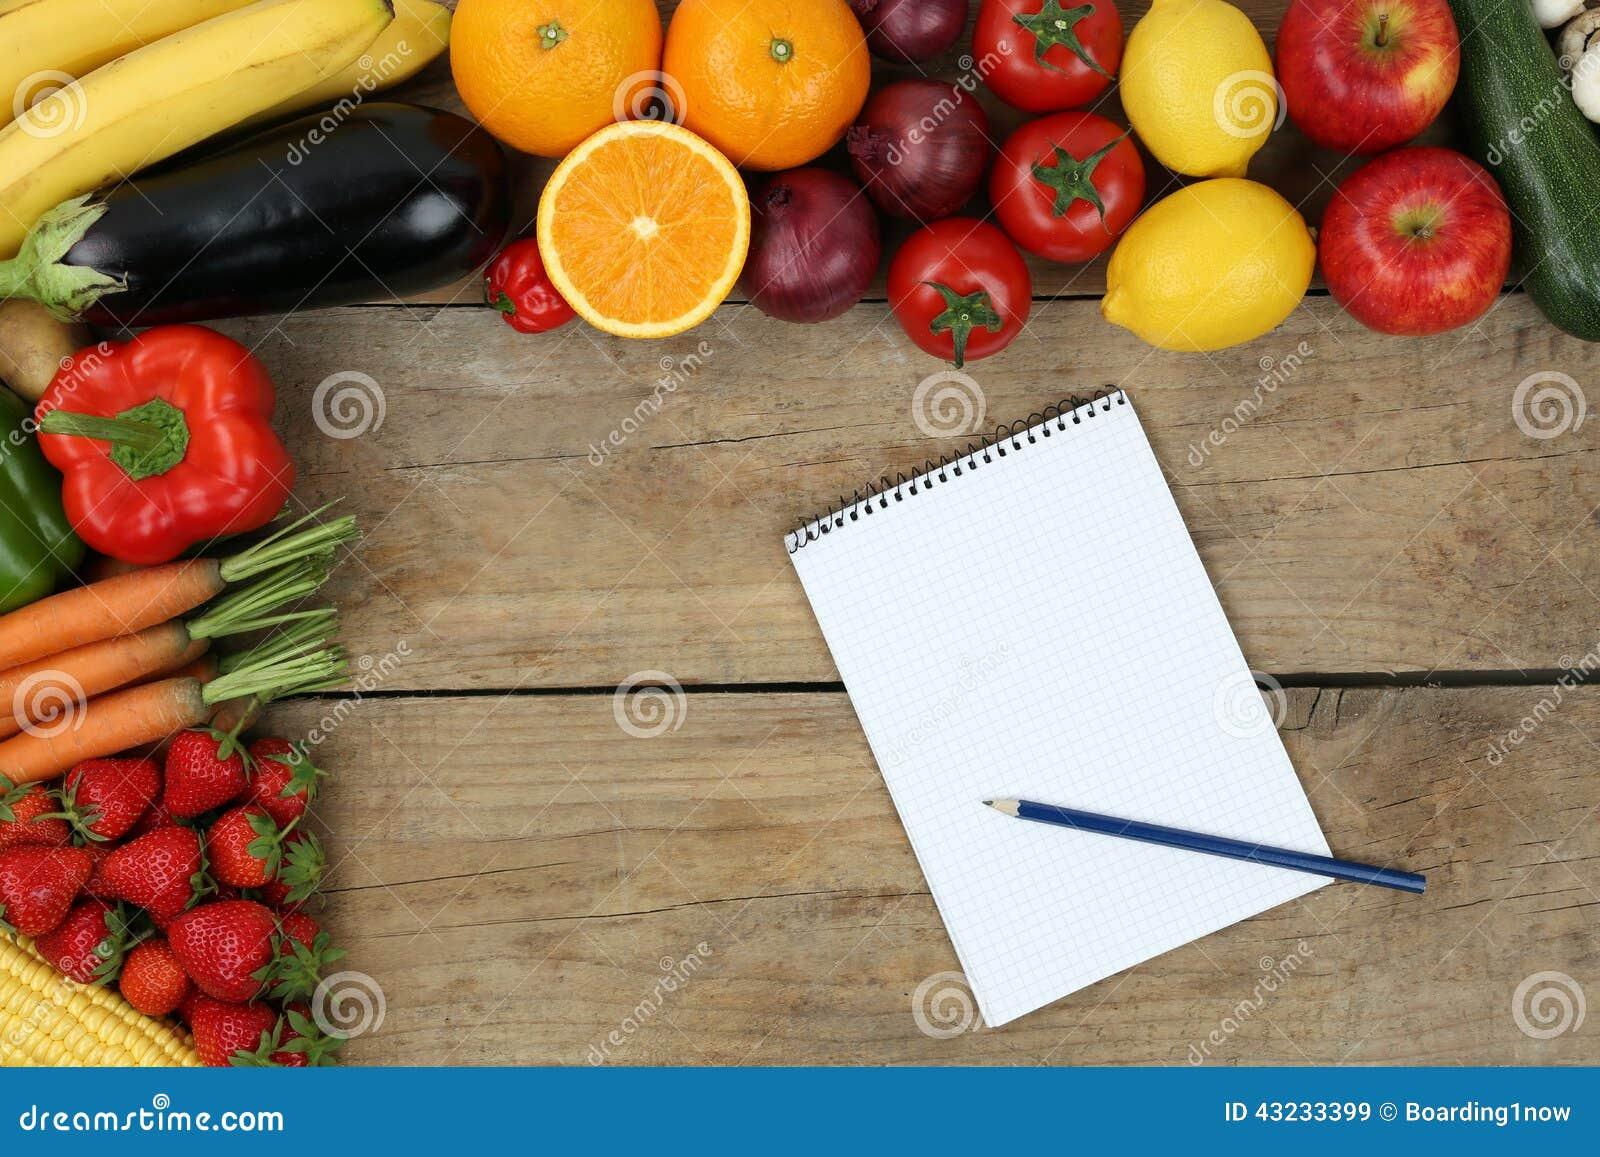 Liste d 39 achats avec des fruits et l gumes photo stock - Liste fruits exotiques avec photos ...